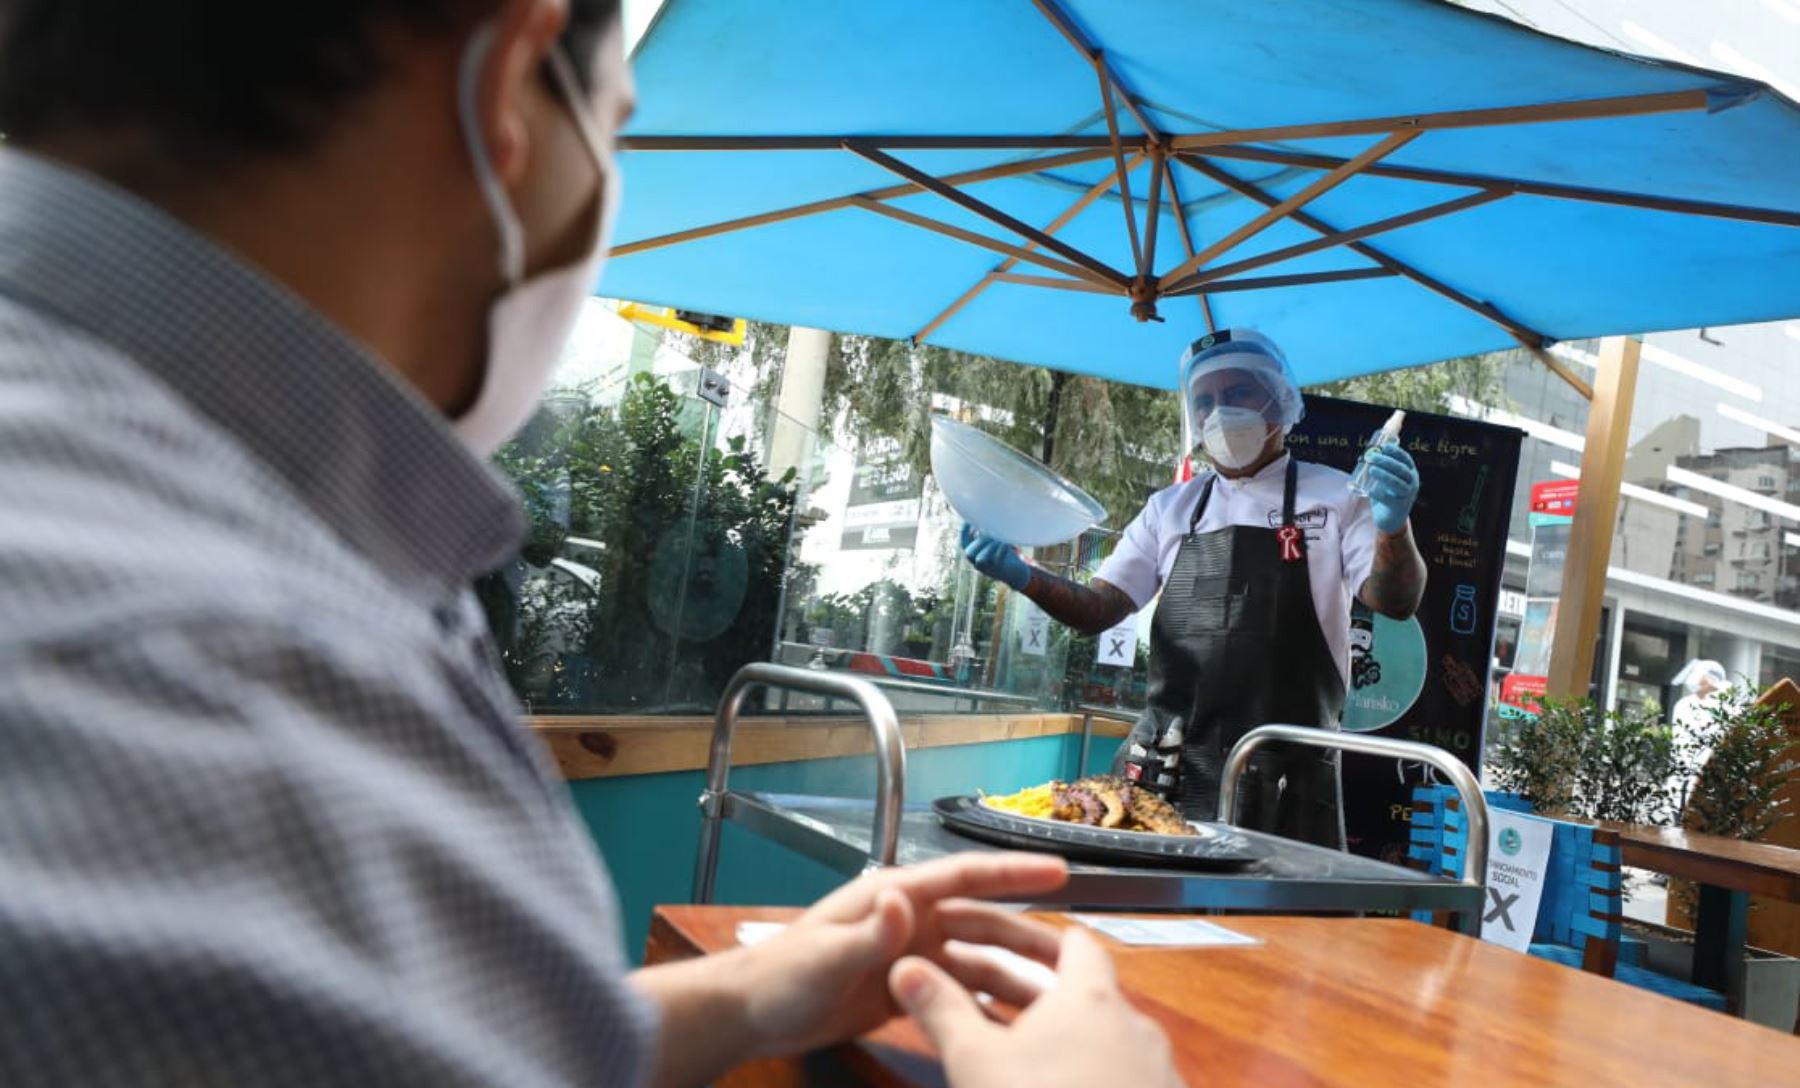 restaurantes-sin-horario-de-cena-ni-transito-vehicular-los-domingos-volveran-a-registrar-perdidas